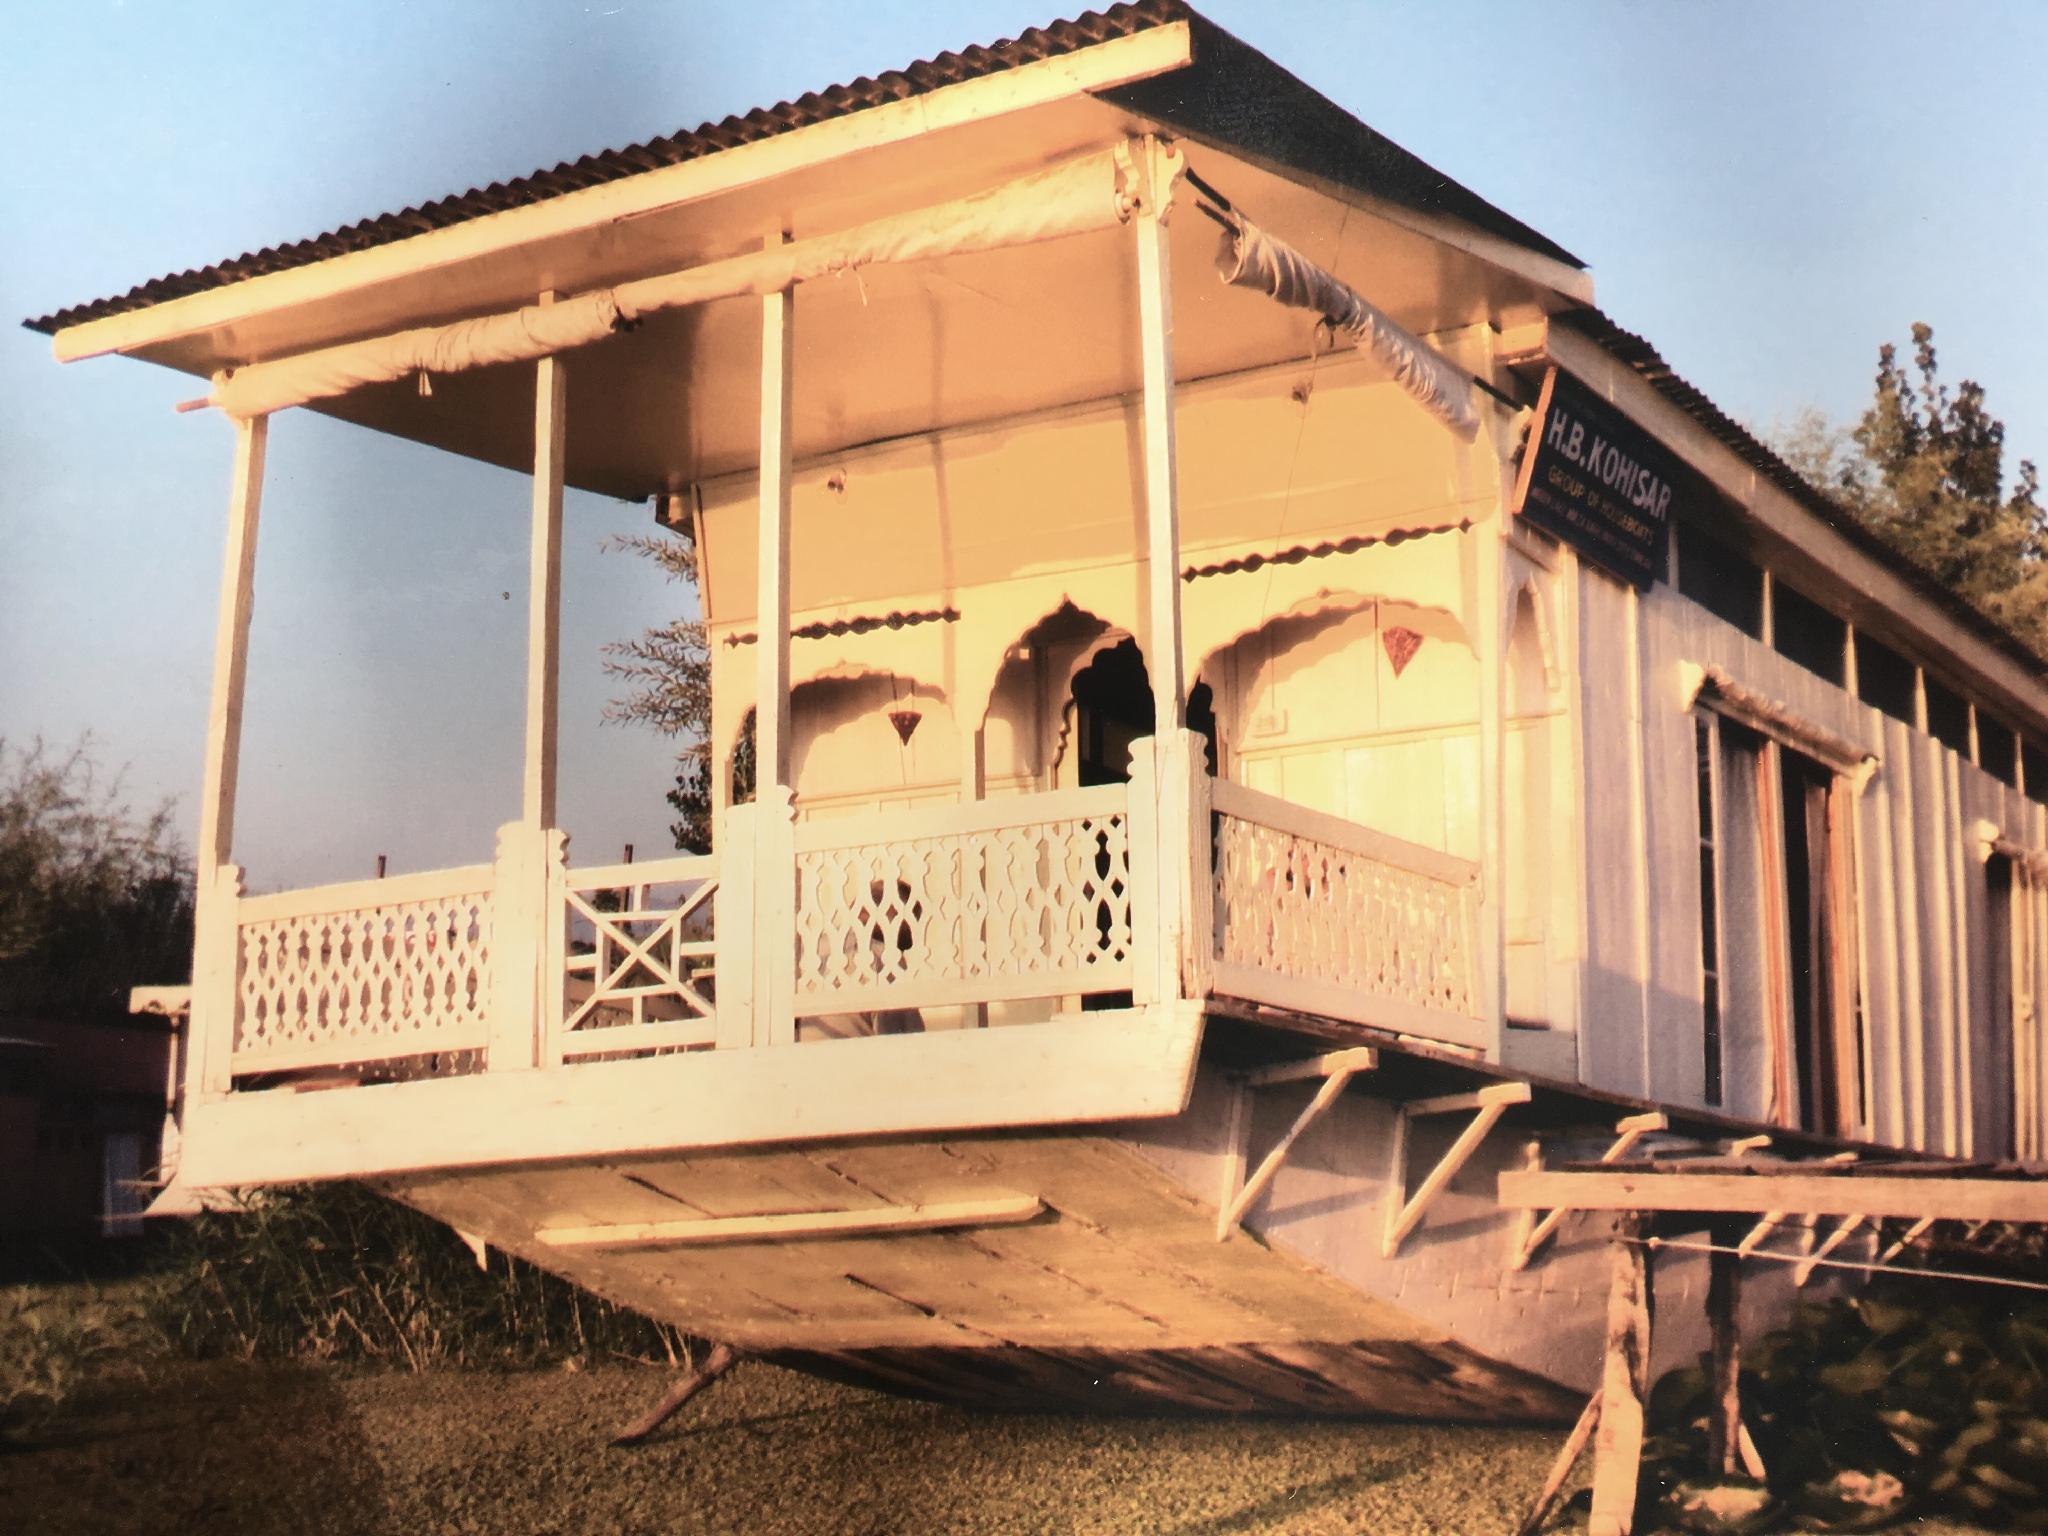 Houseboat Kohiisar